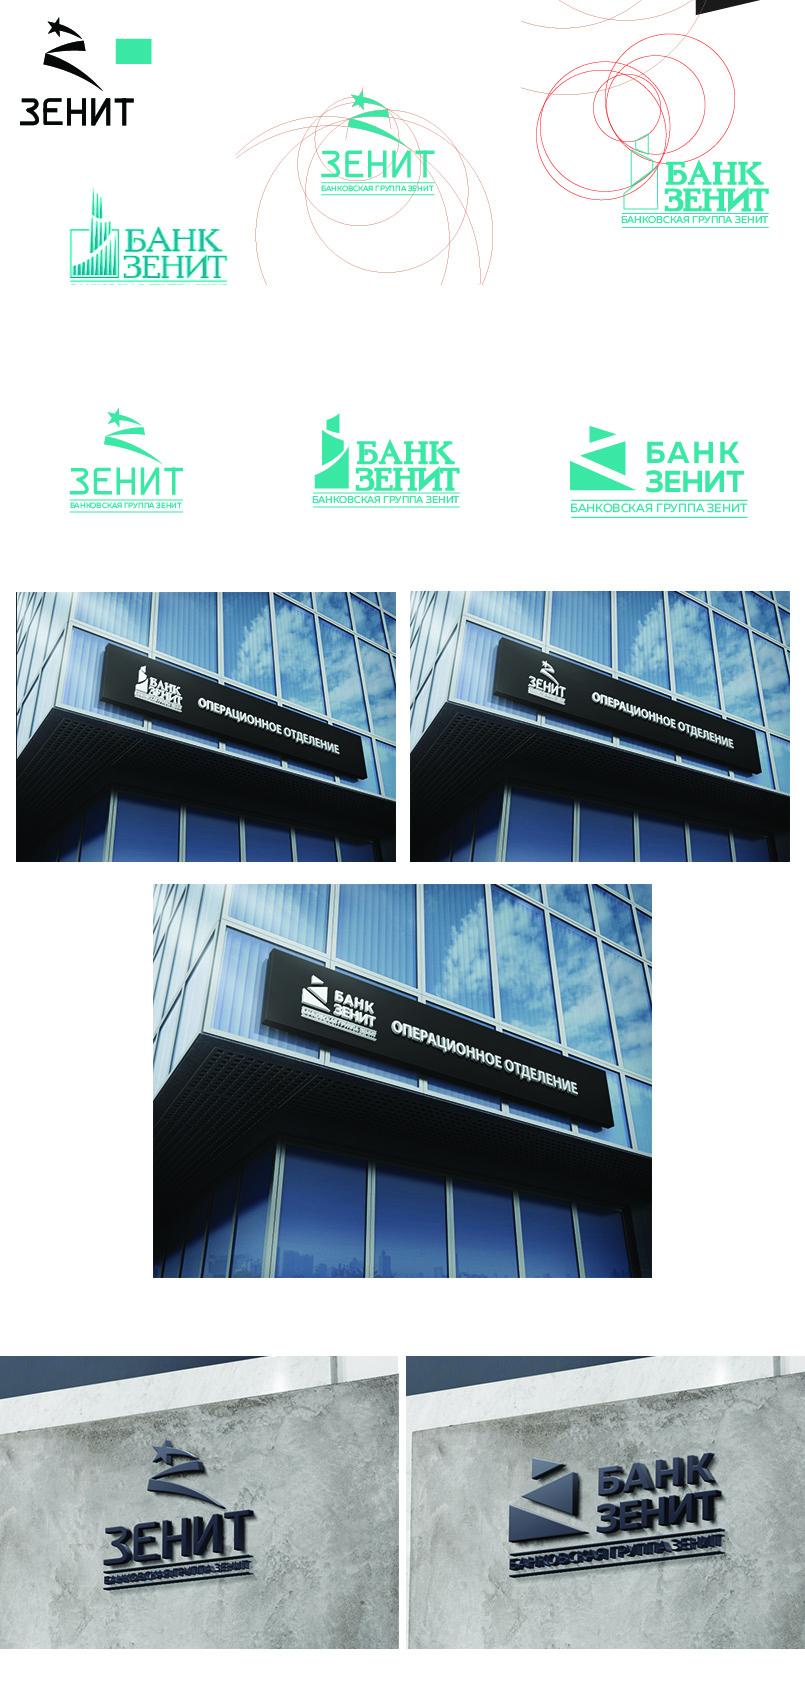 Разработка логотипа для Банка ЗЕНИТ фото f_2725b50df3740d0e.jpg